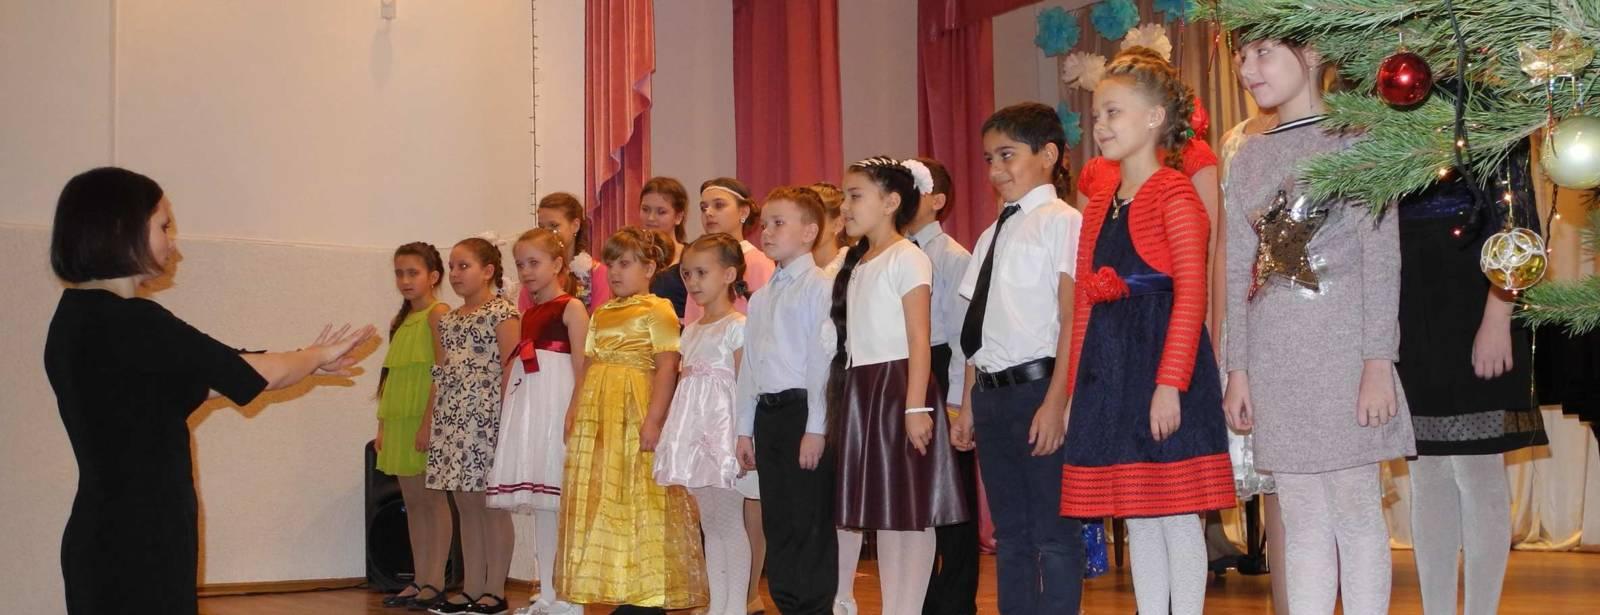 Рождественский концерт в детской школе искусств г. Урюпинска.